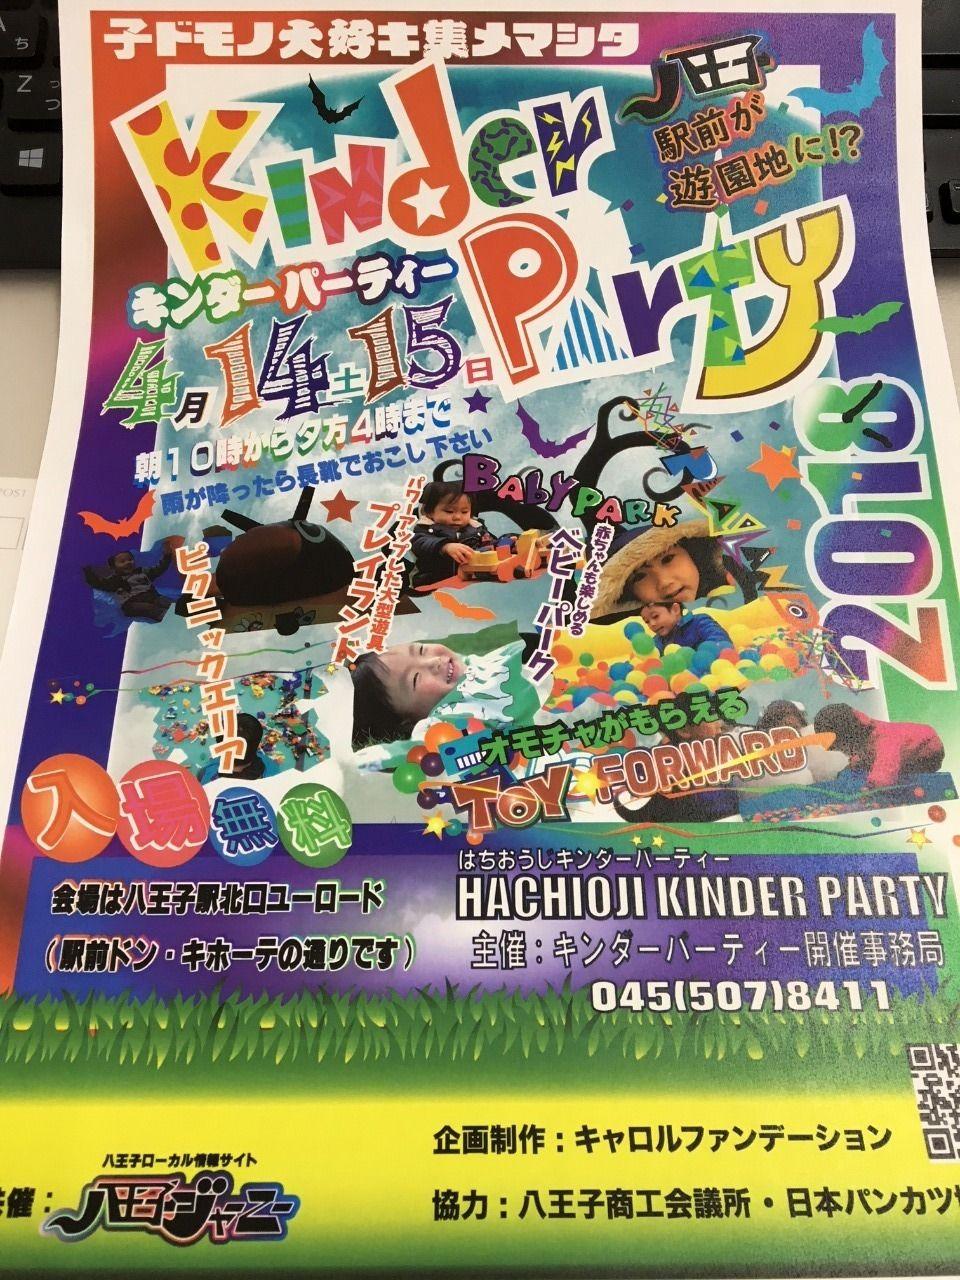 八王子キンダーパーティー開催!